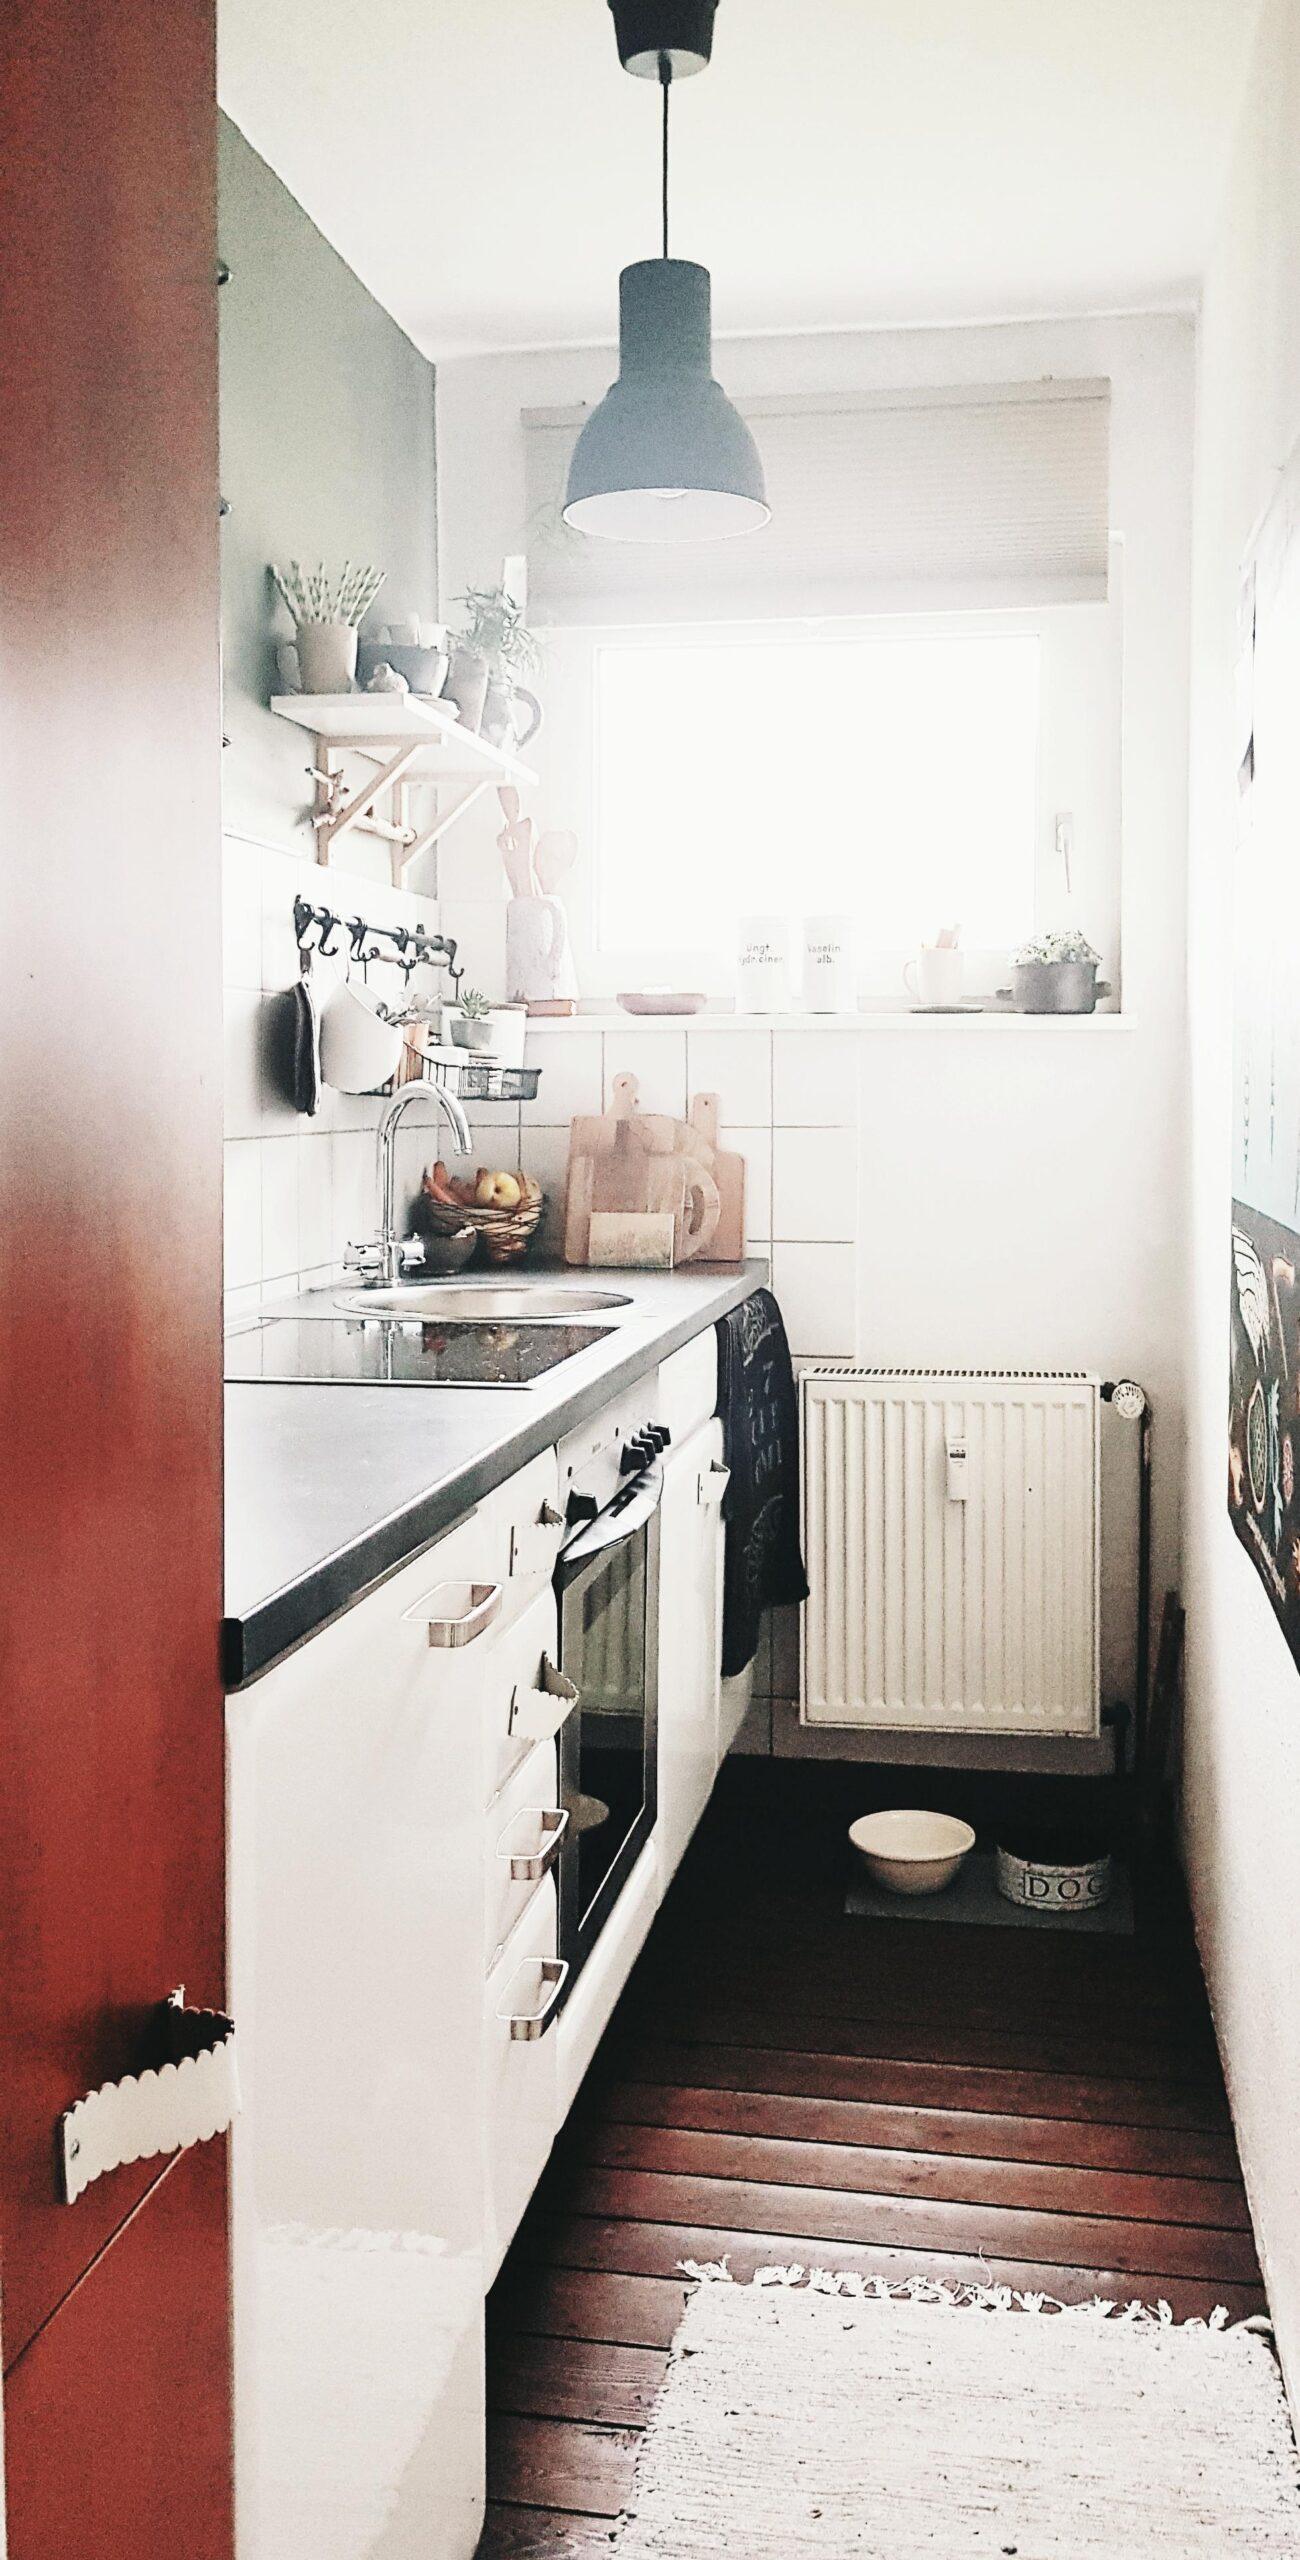 Full Size of Kleine Kuche Essplatz Einbauküche Nobilia Küche Gewinnen Miniküche Mit Kühlschrank Einzelschränke Ikea Kosten Obi Abluftventilator Sitzecke Günstig Wohnzimmer Küche Einrichten Ideen